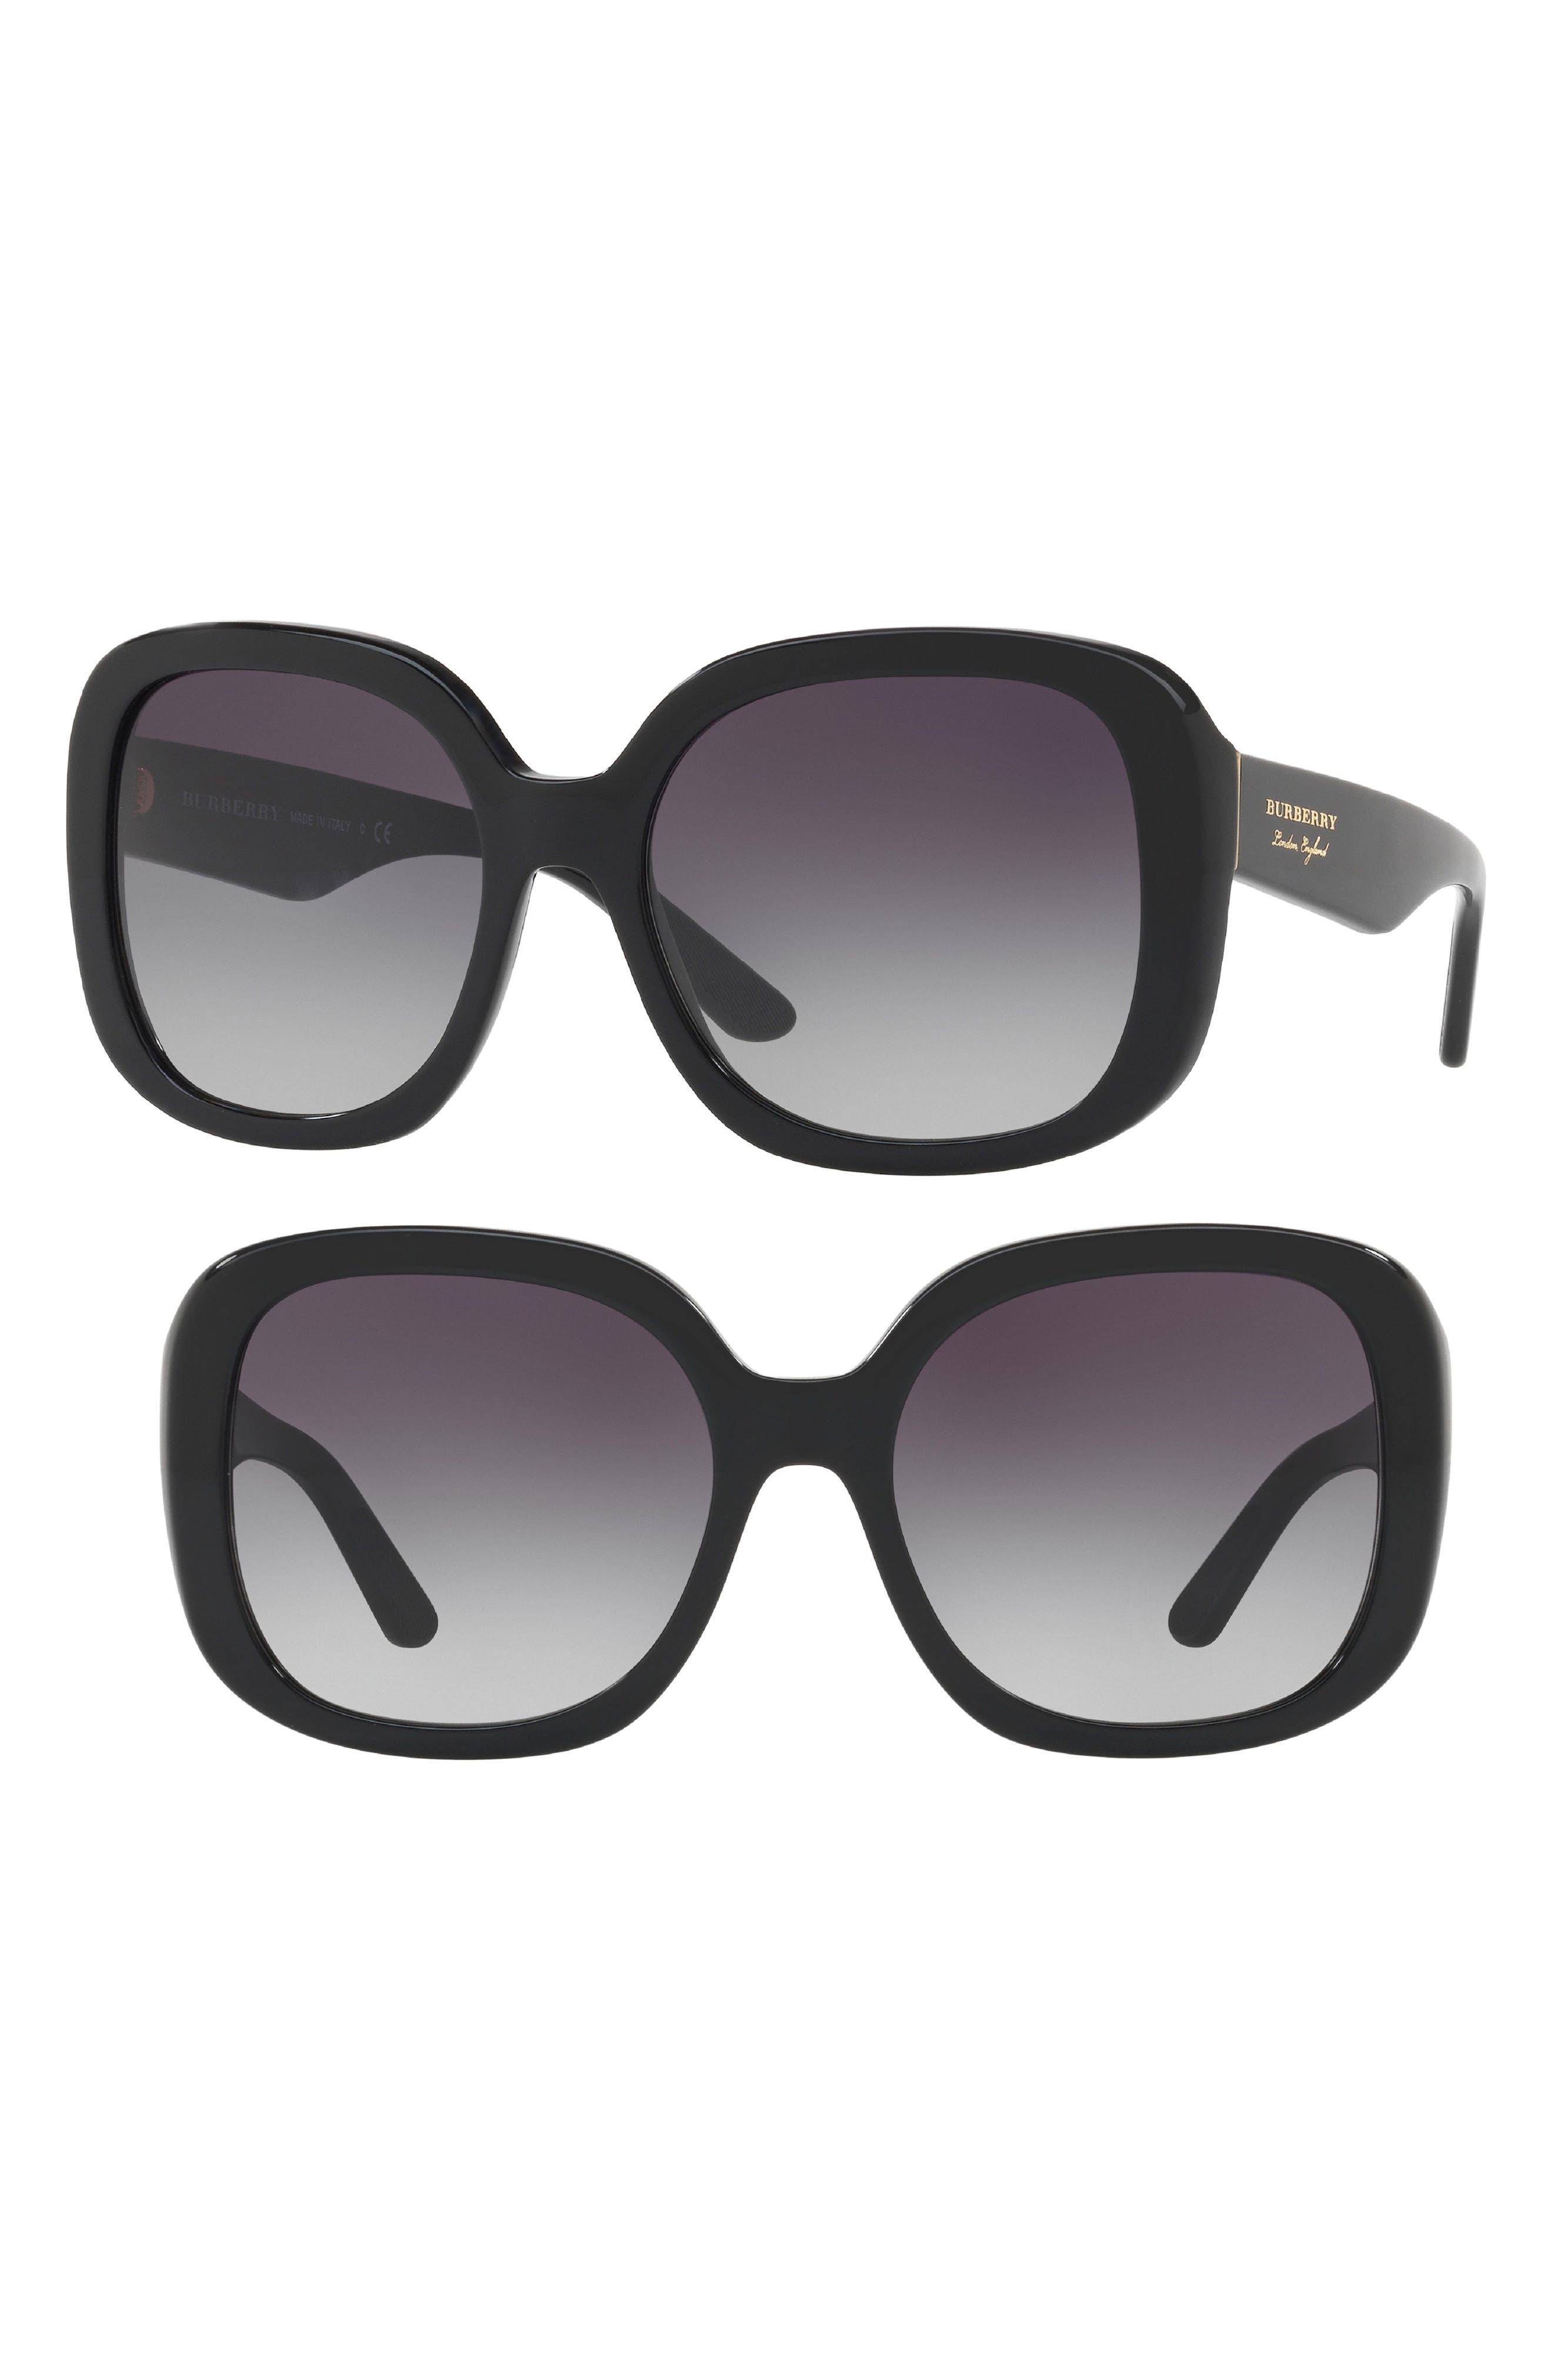 56mm Gradient Sunglasses,                             Main thumbnail 1, color,                             BLACK